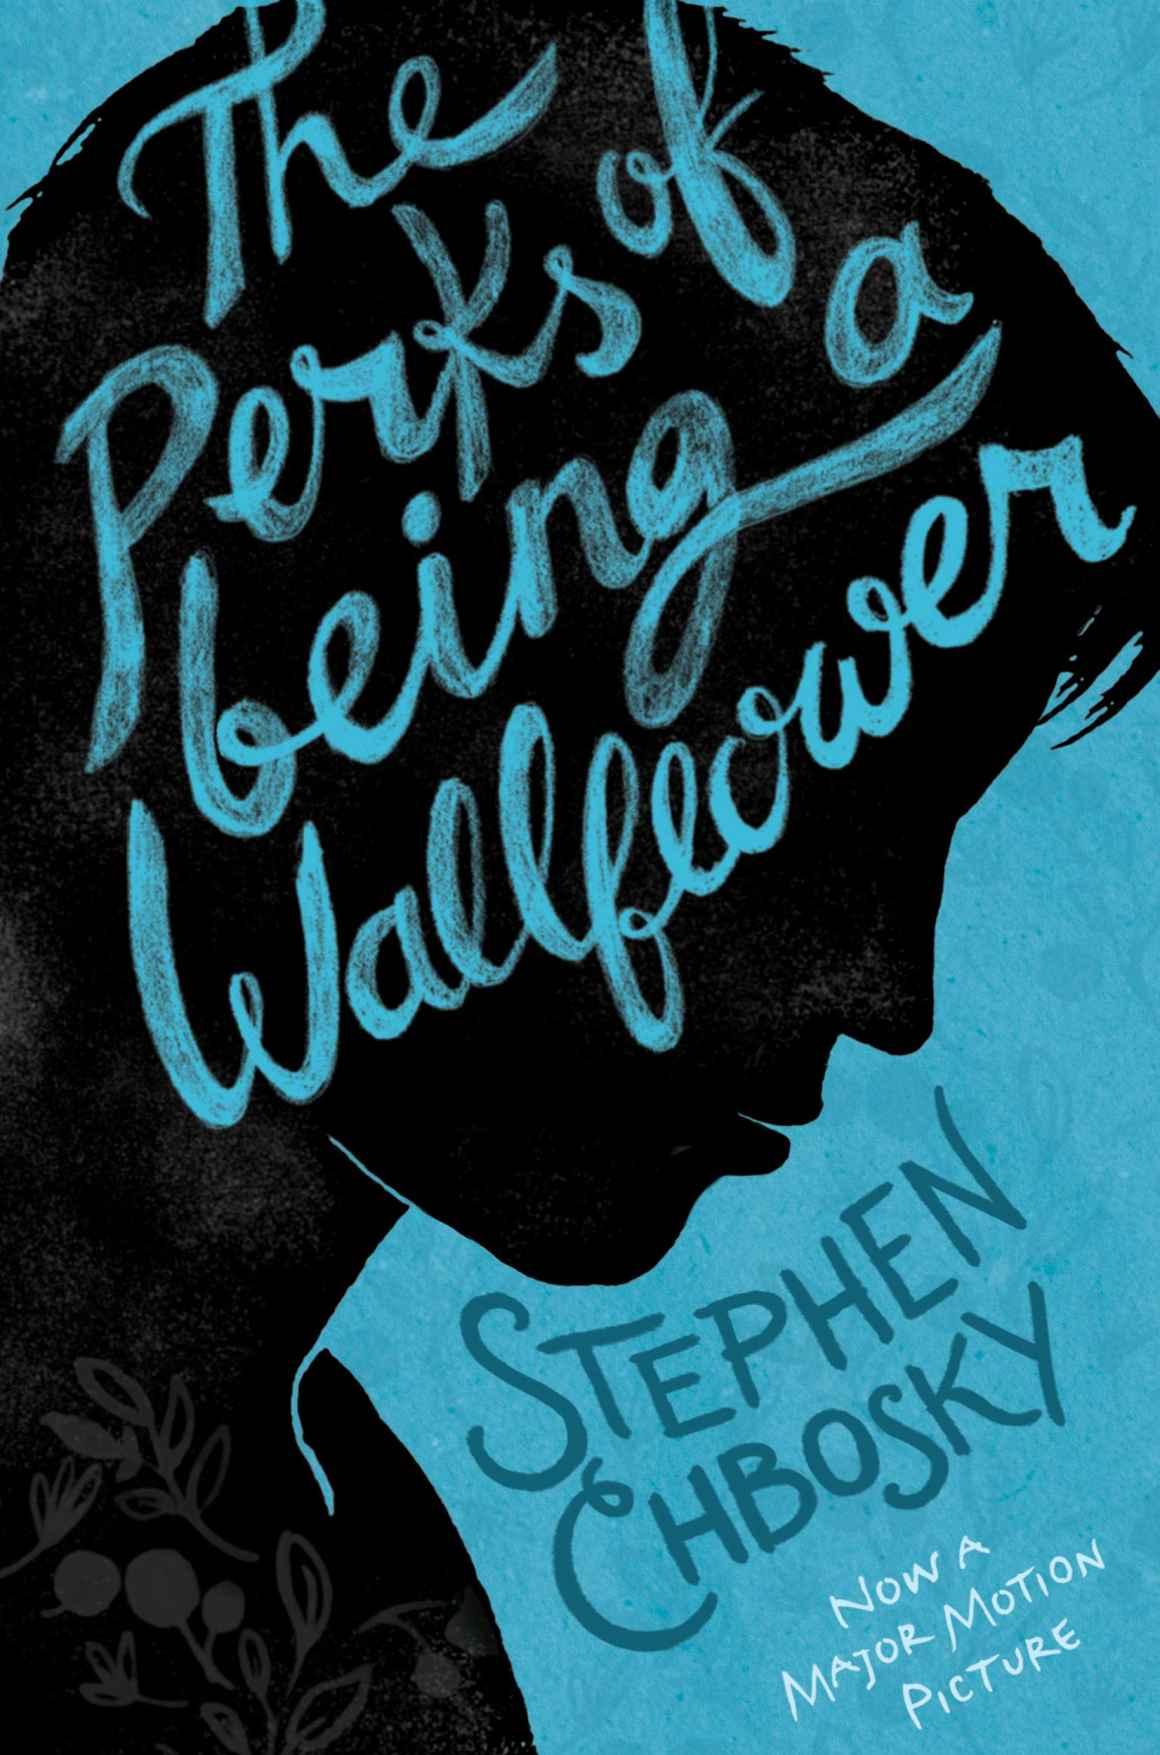 perks wallflower